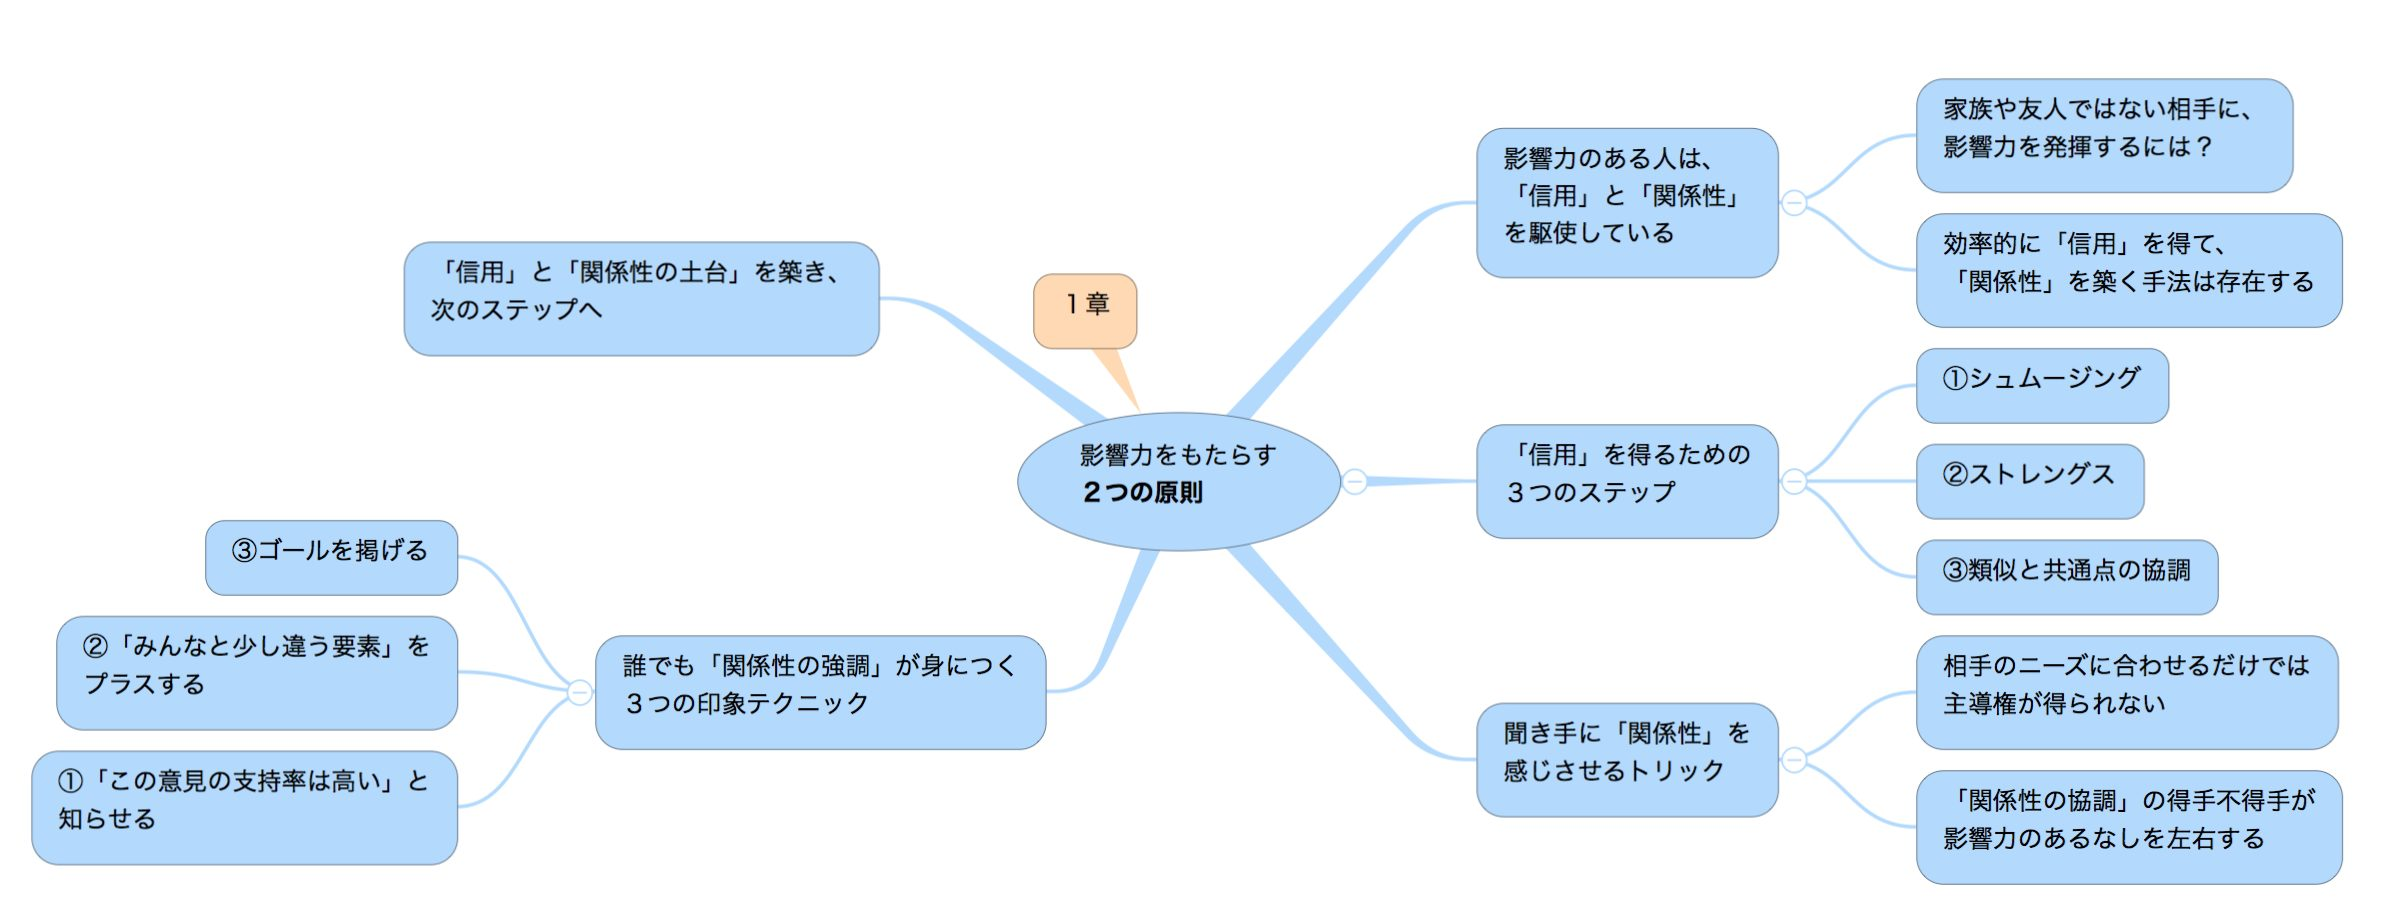 「超影響力」の目次(1章)のマインドマップ